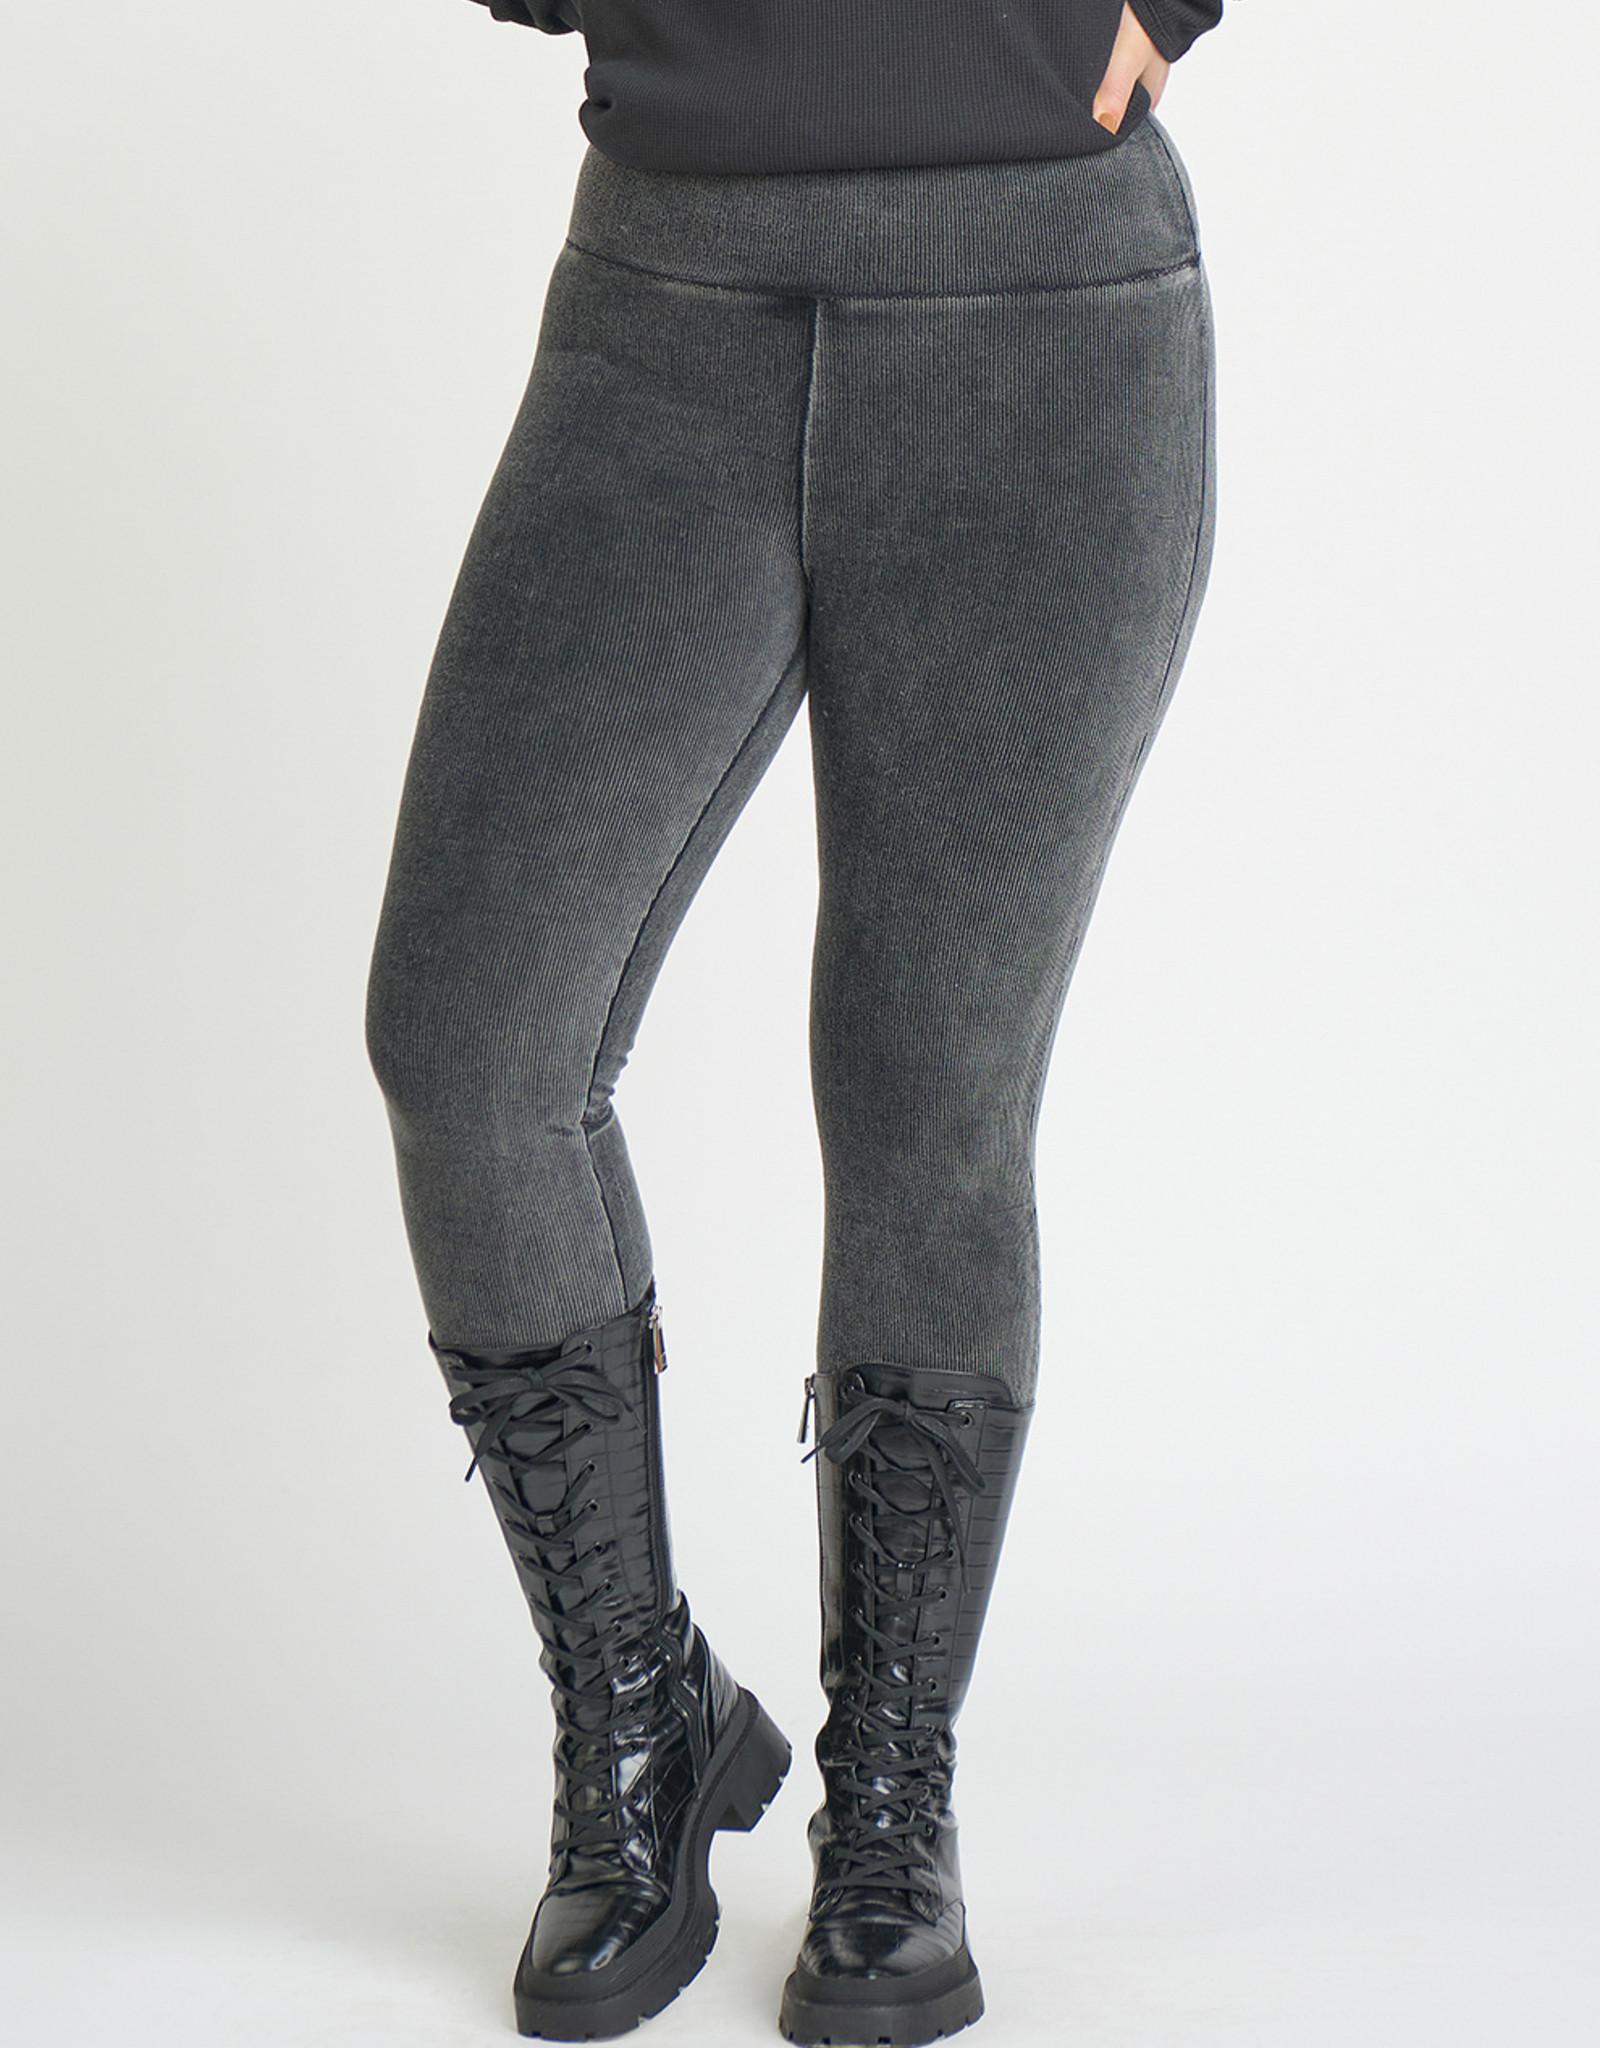 Dex Plus Black Corduroy Leggings